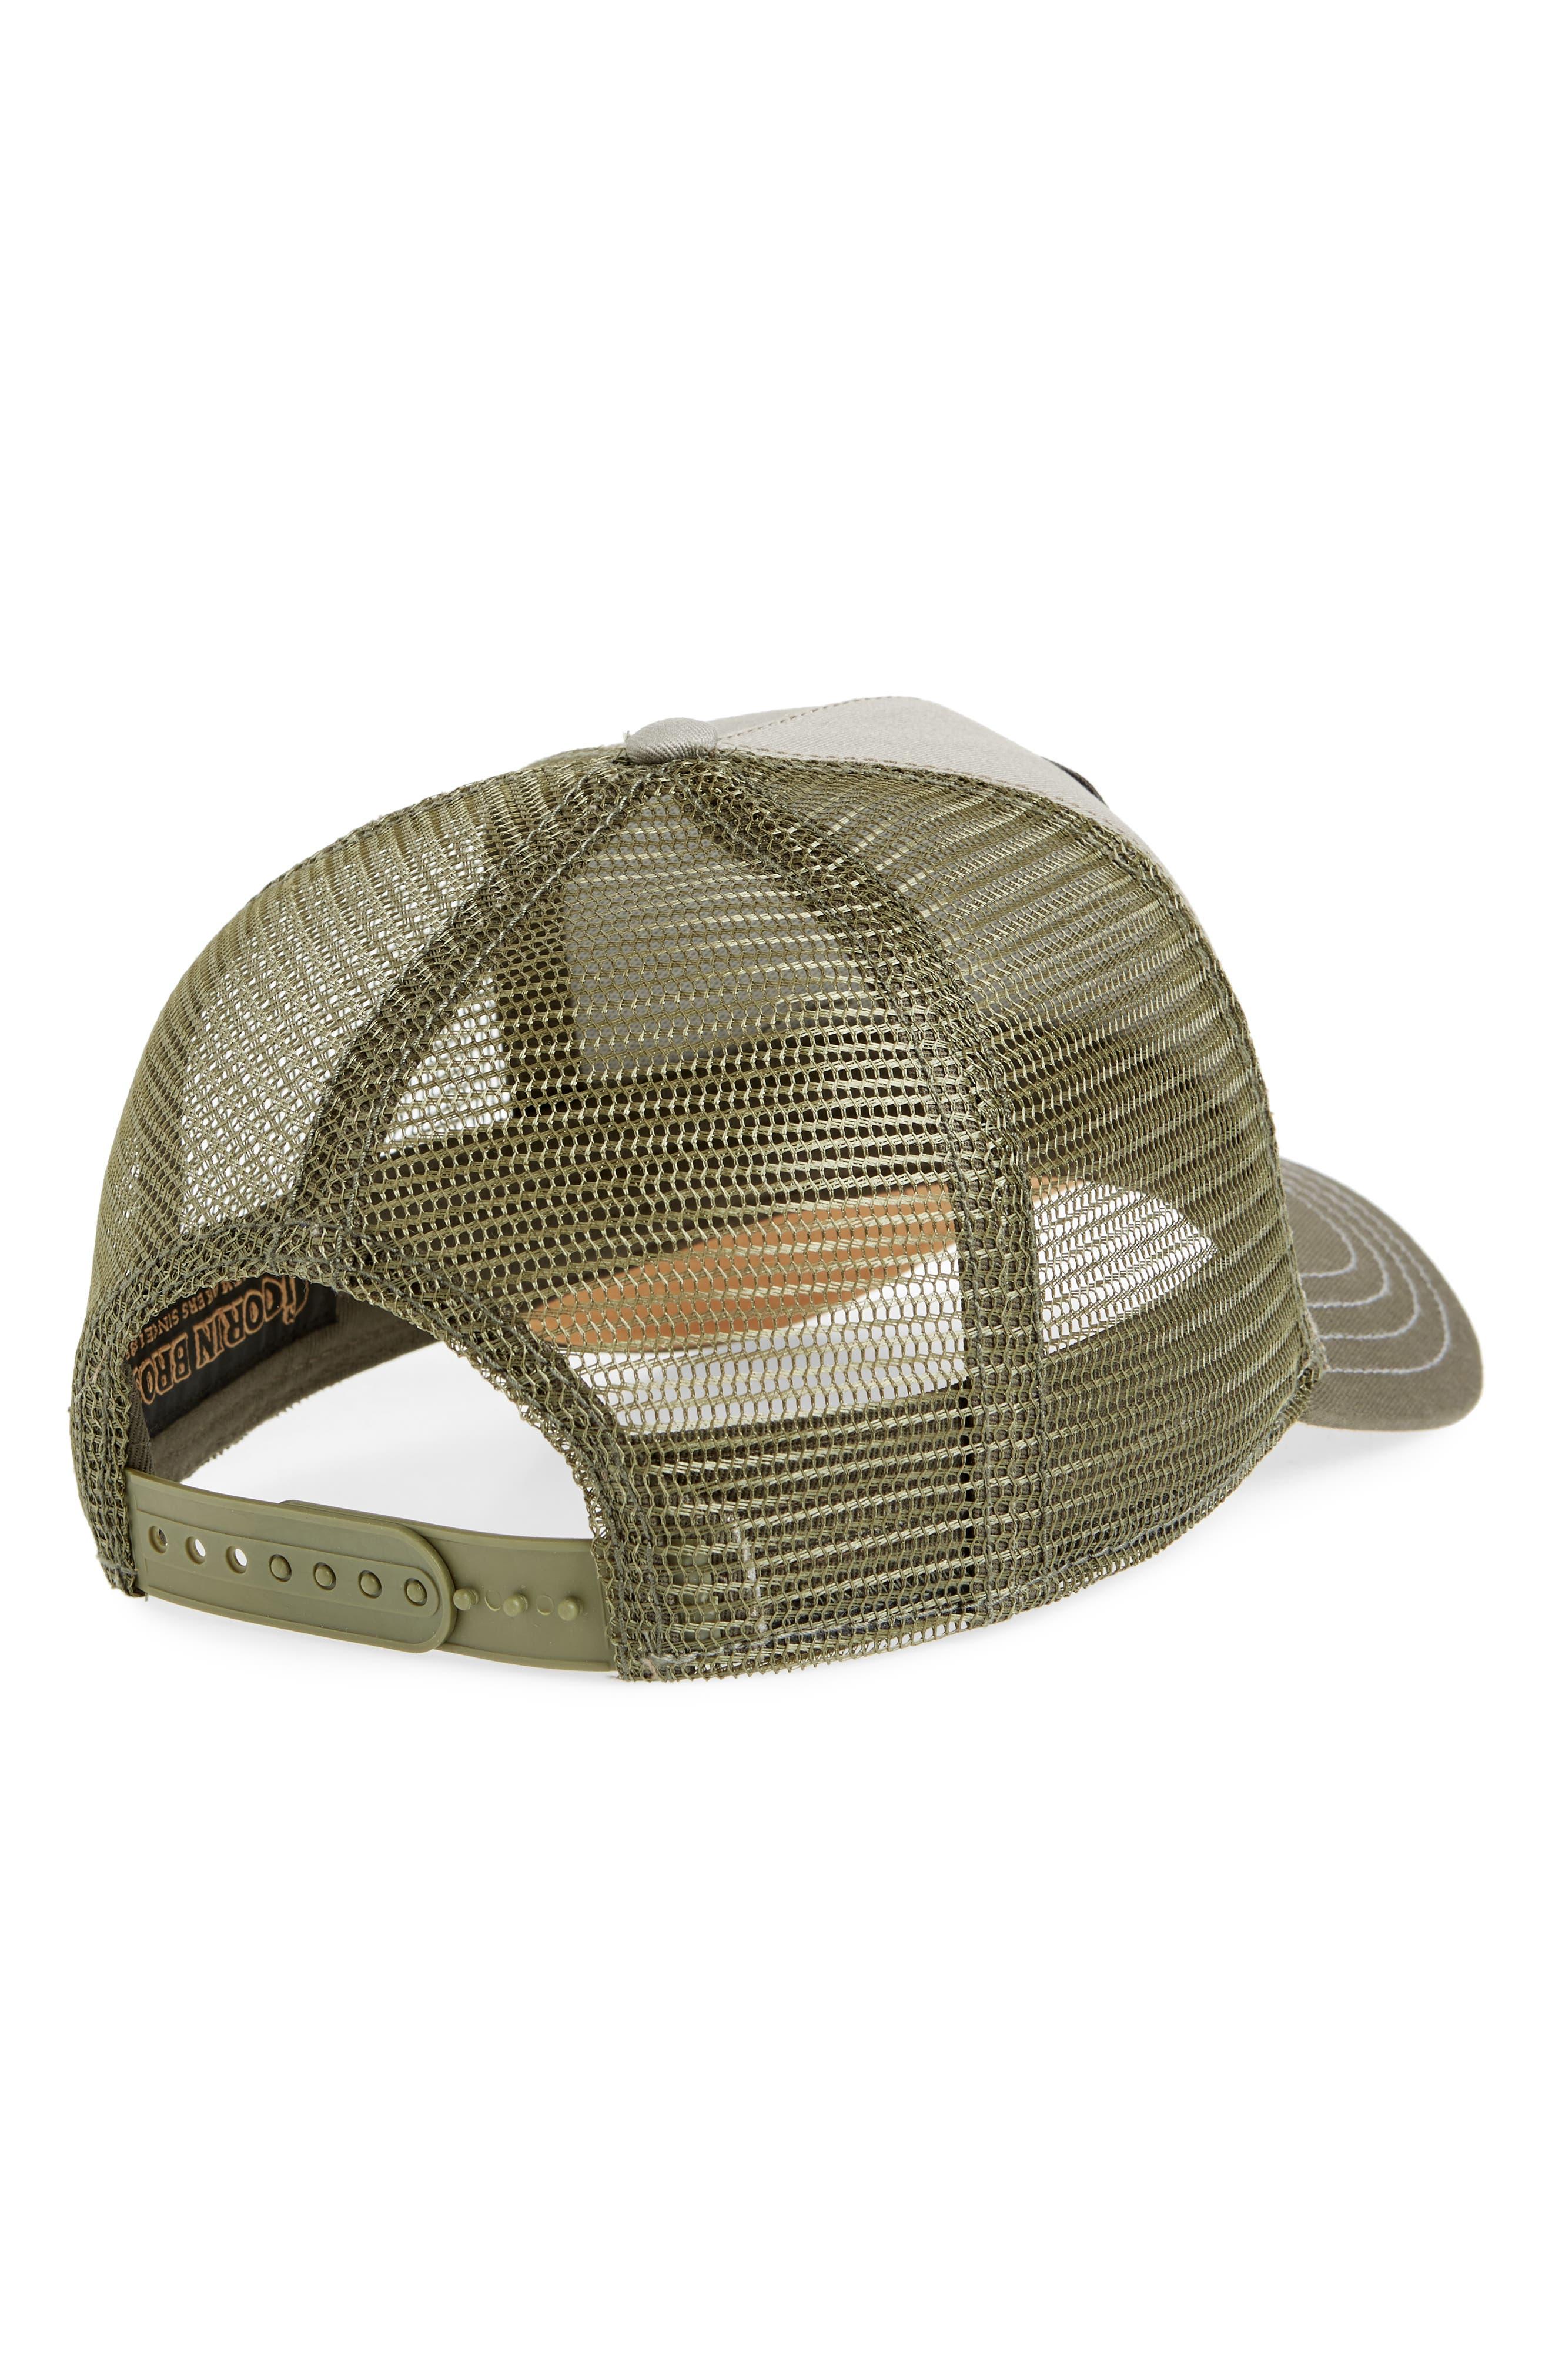 Goat Beard Trucker Hat,                             Alternate thumbnail 2, color,                             OLIVE